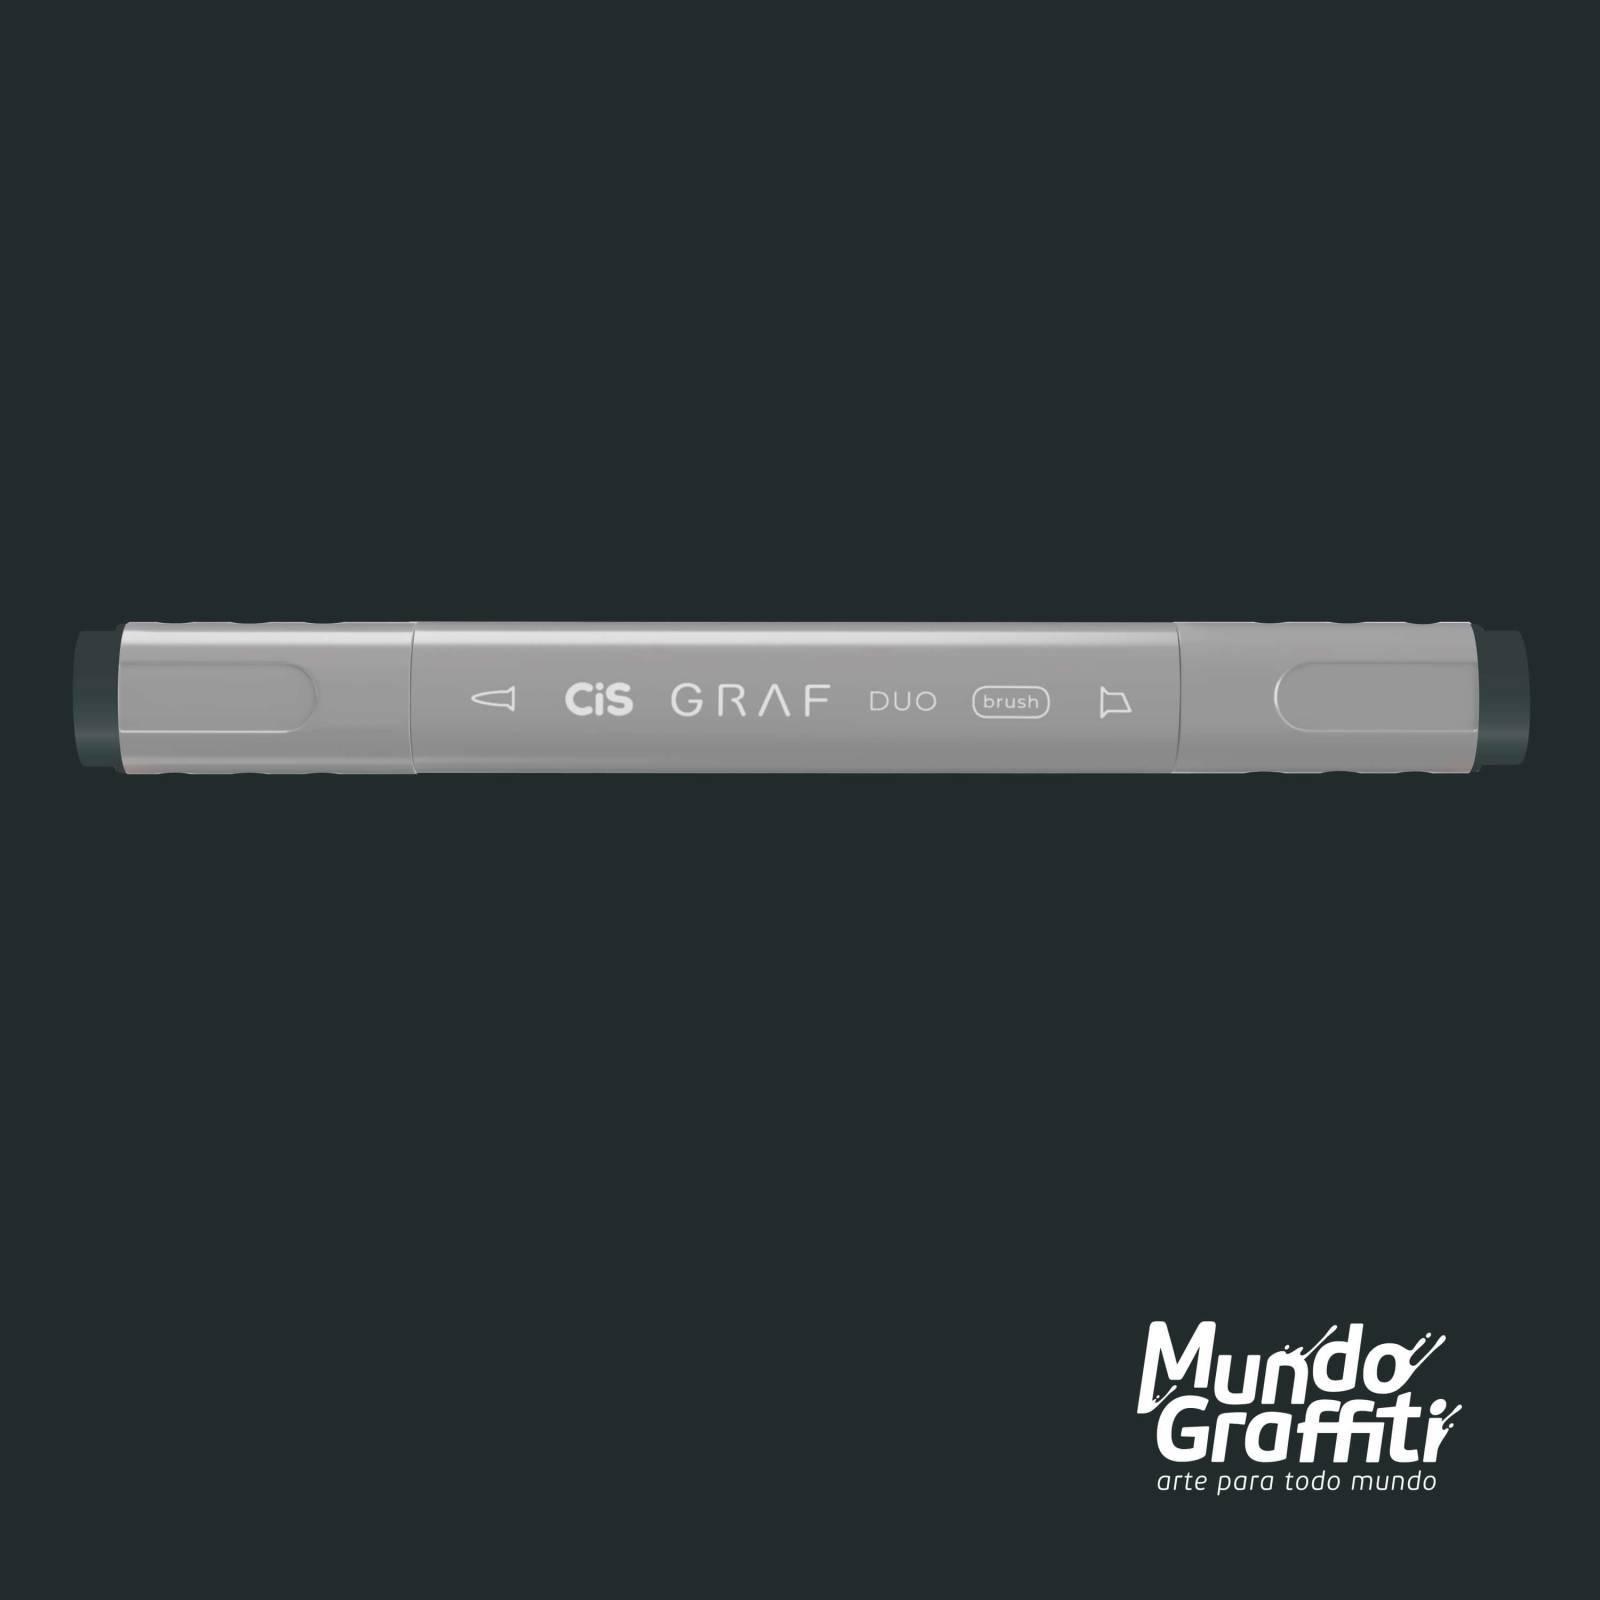 Marcador Cis Graf Duo Brush Blue Grey BG9 - Mundo Graffiti